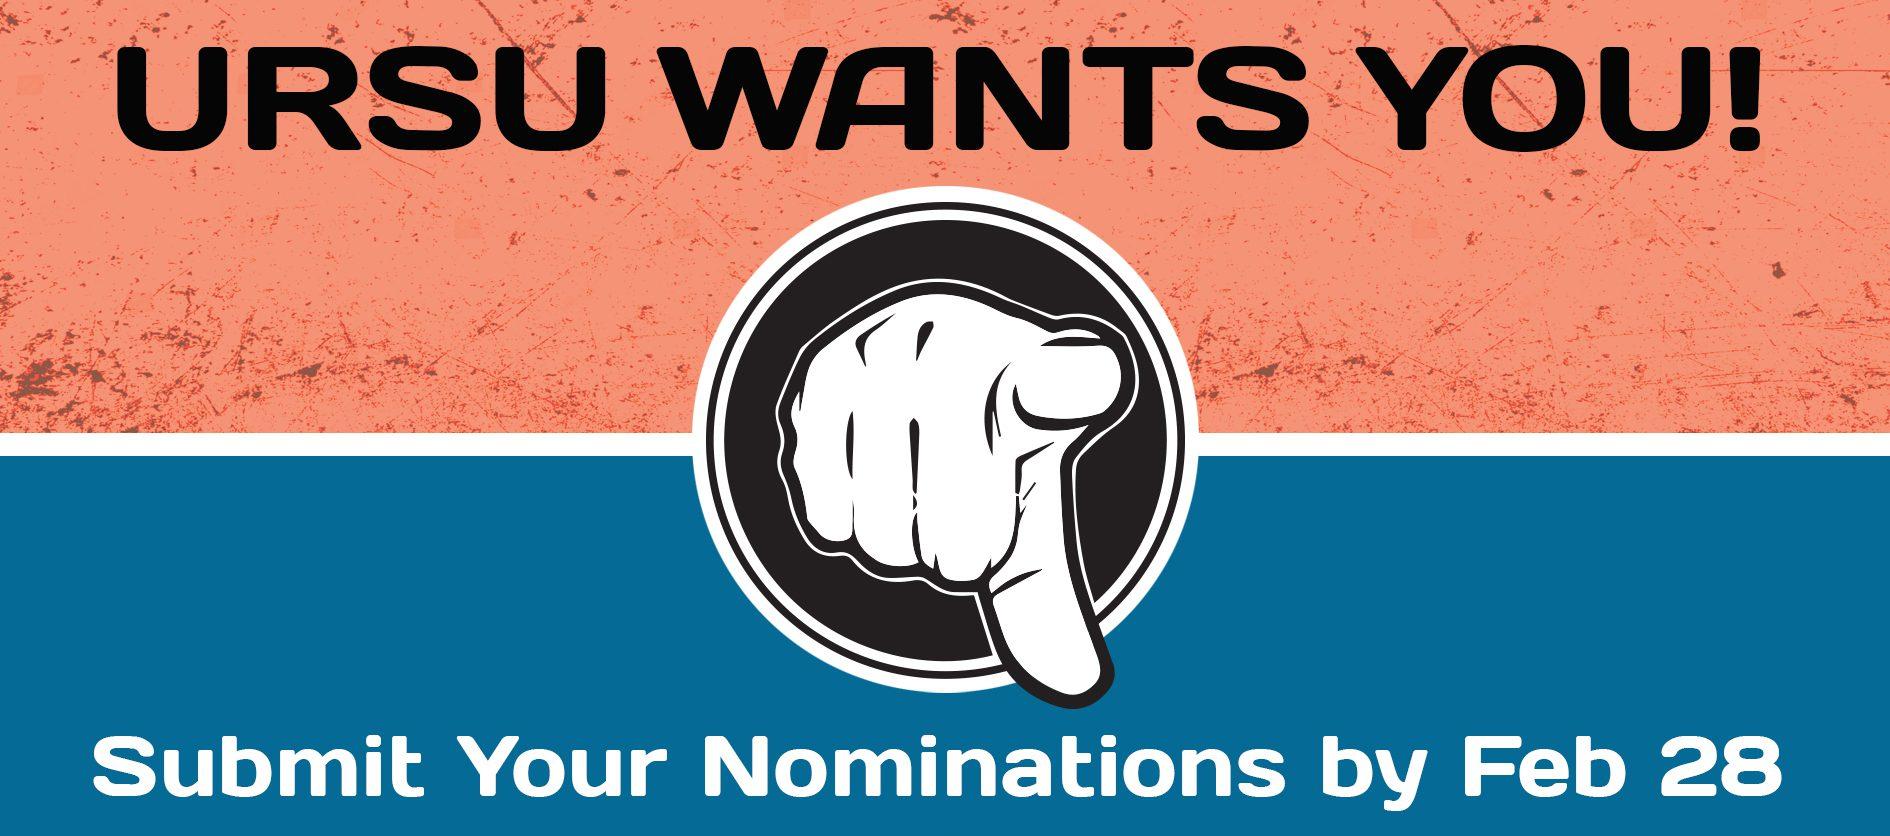 2020 URSU General Election Announced